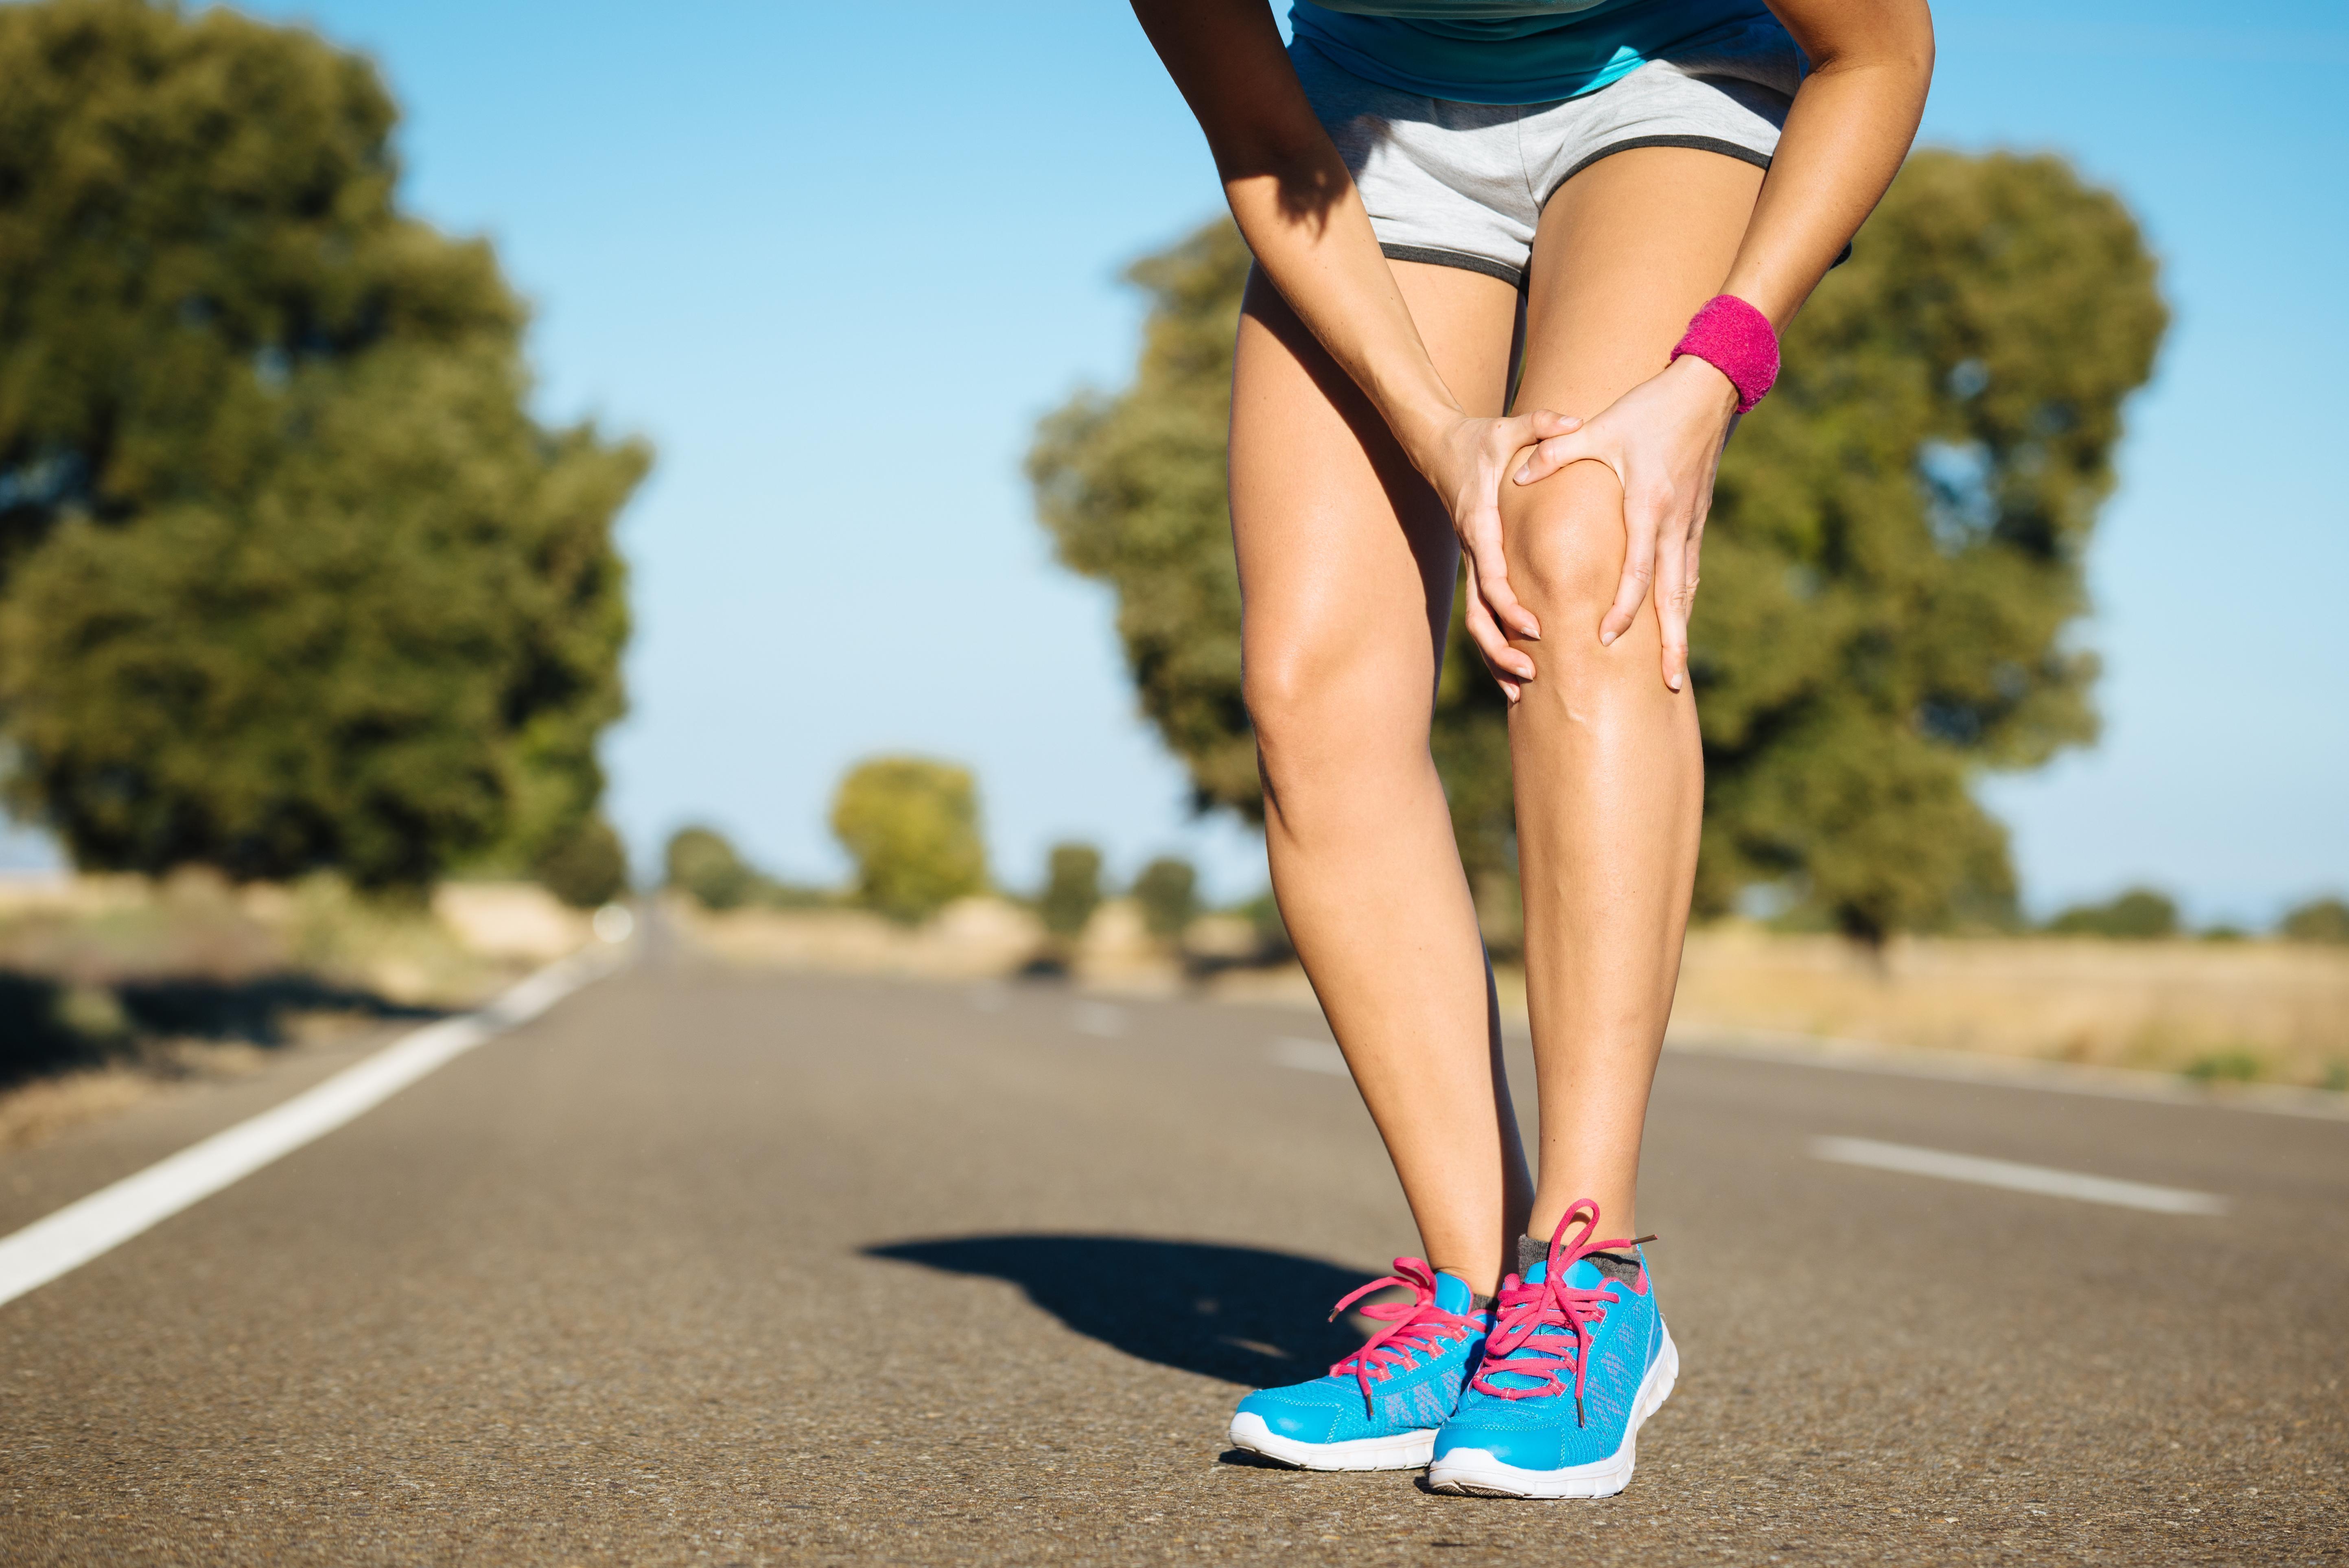 Aprenda a evitar lesões nos joelhos